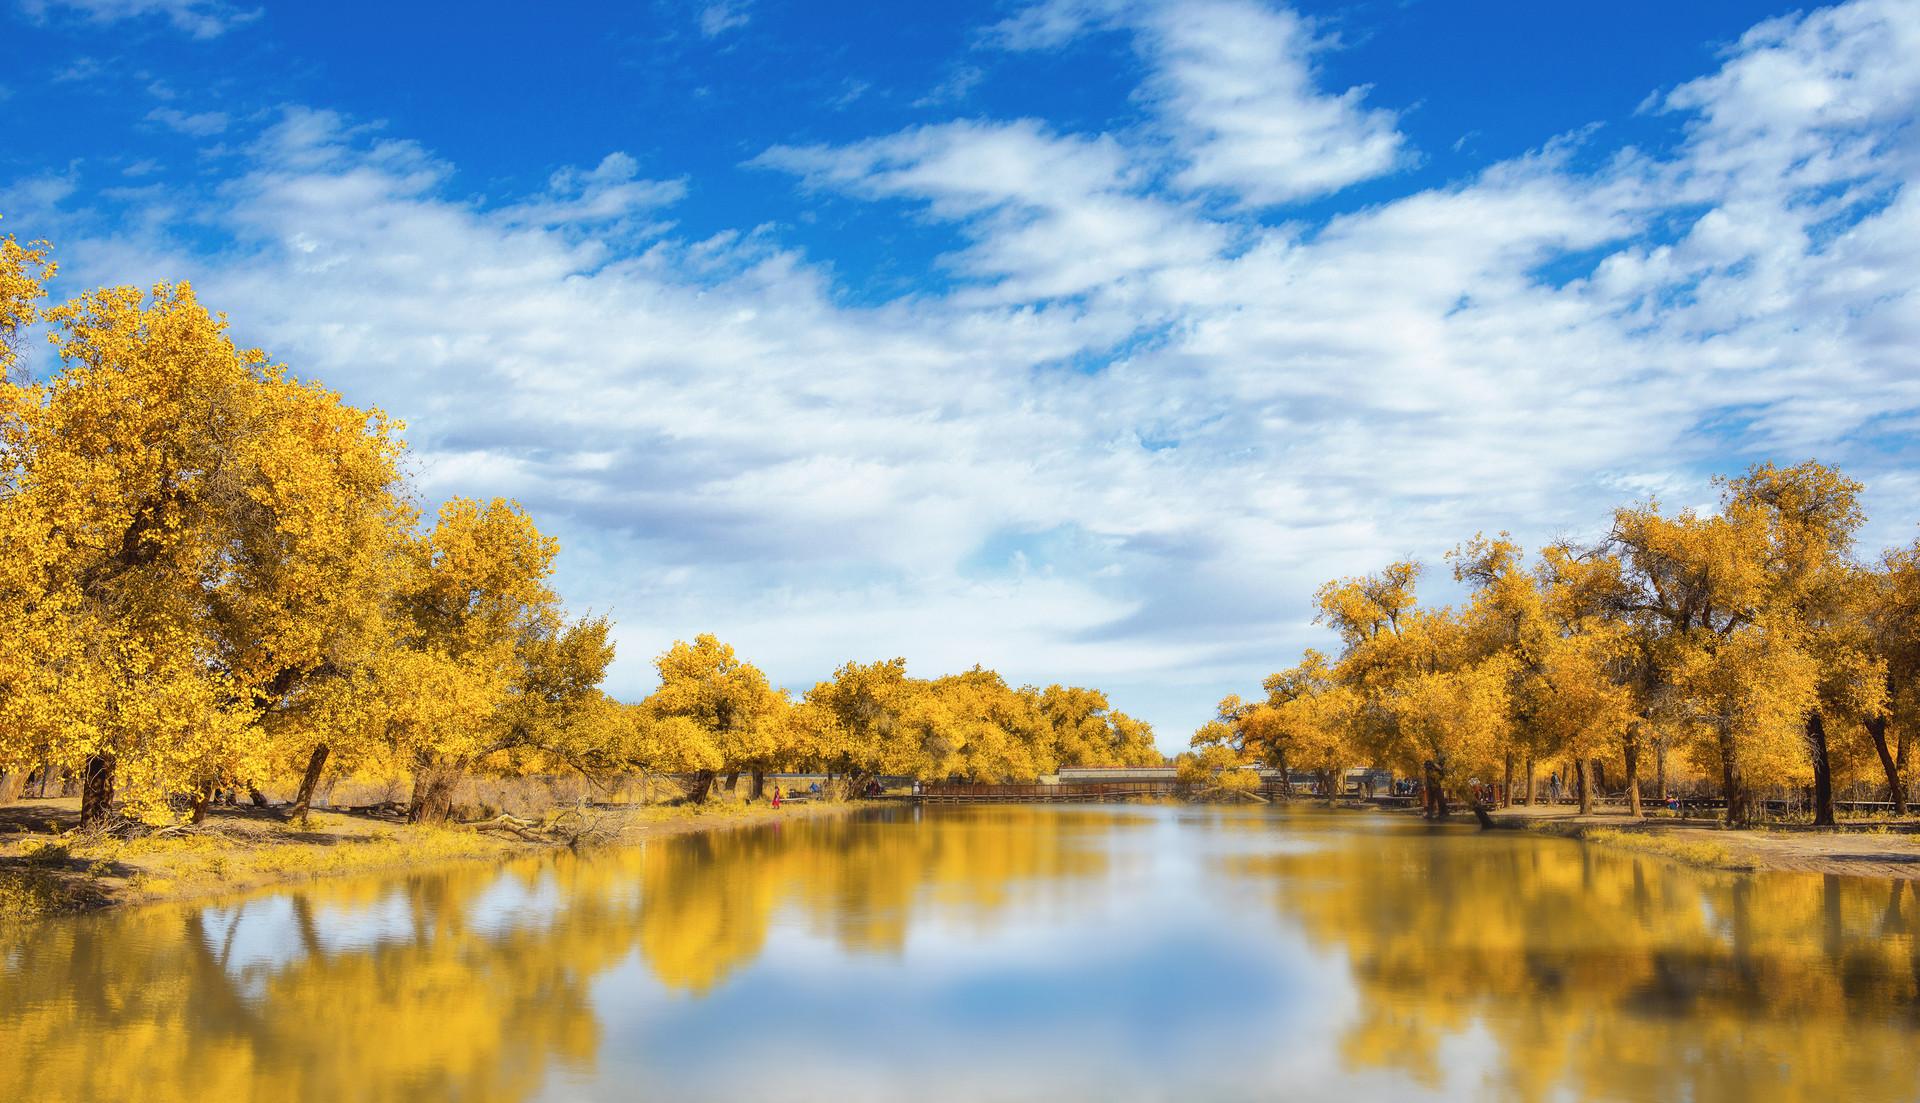 【大画西游V3】<轮台胡杨林·罗布人村寨·塔克拉玛干沙漠·库车天山大侠谷·天池·吐鲁番>双飞8天团